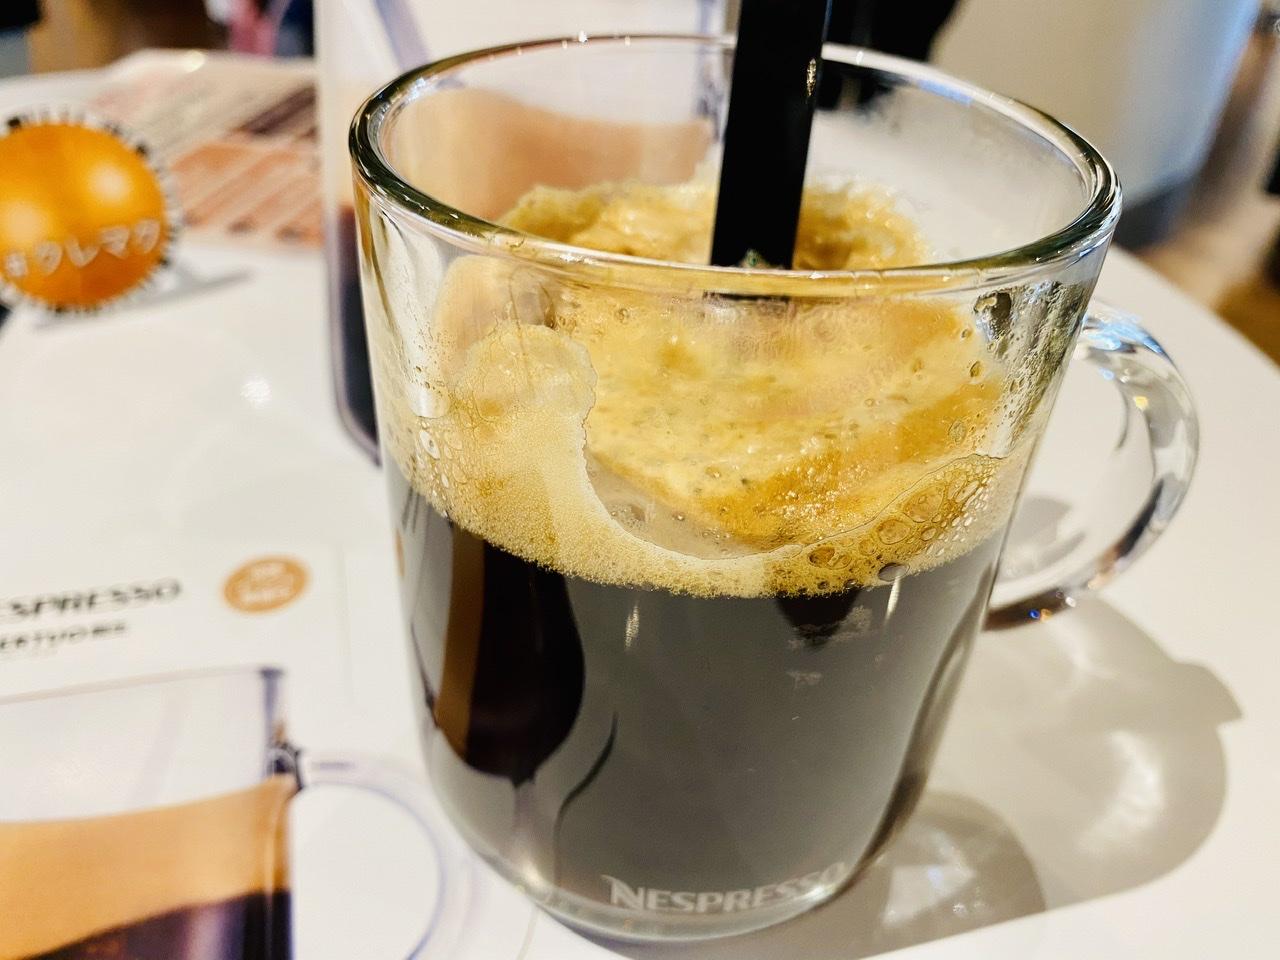 【ネスプレッソ】豪華すぎる!マグカップ&名入りコースター貰える★新コーヒーマシン体験イベントへ♡_7